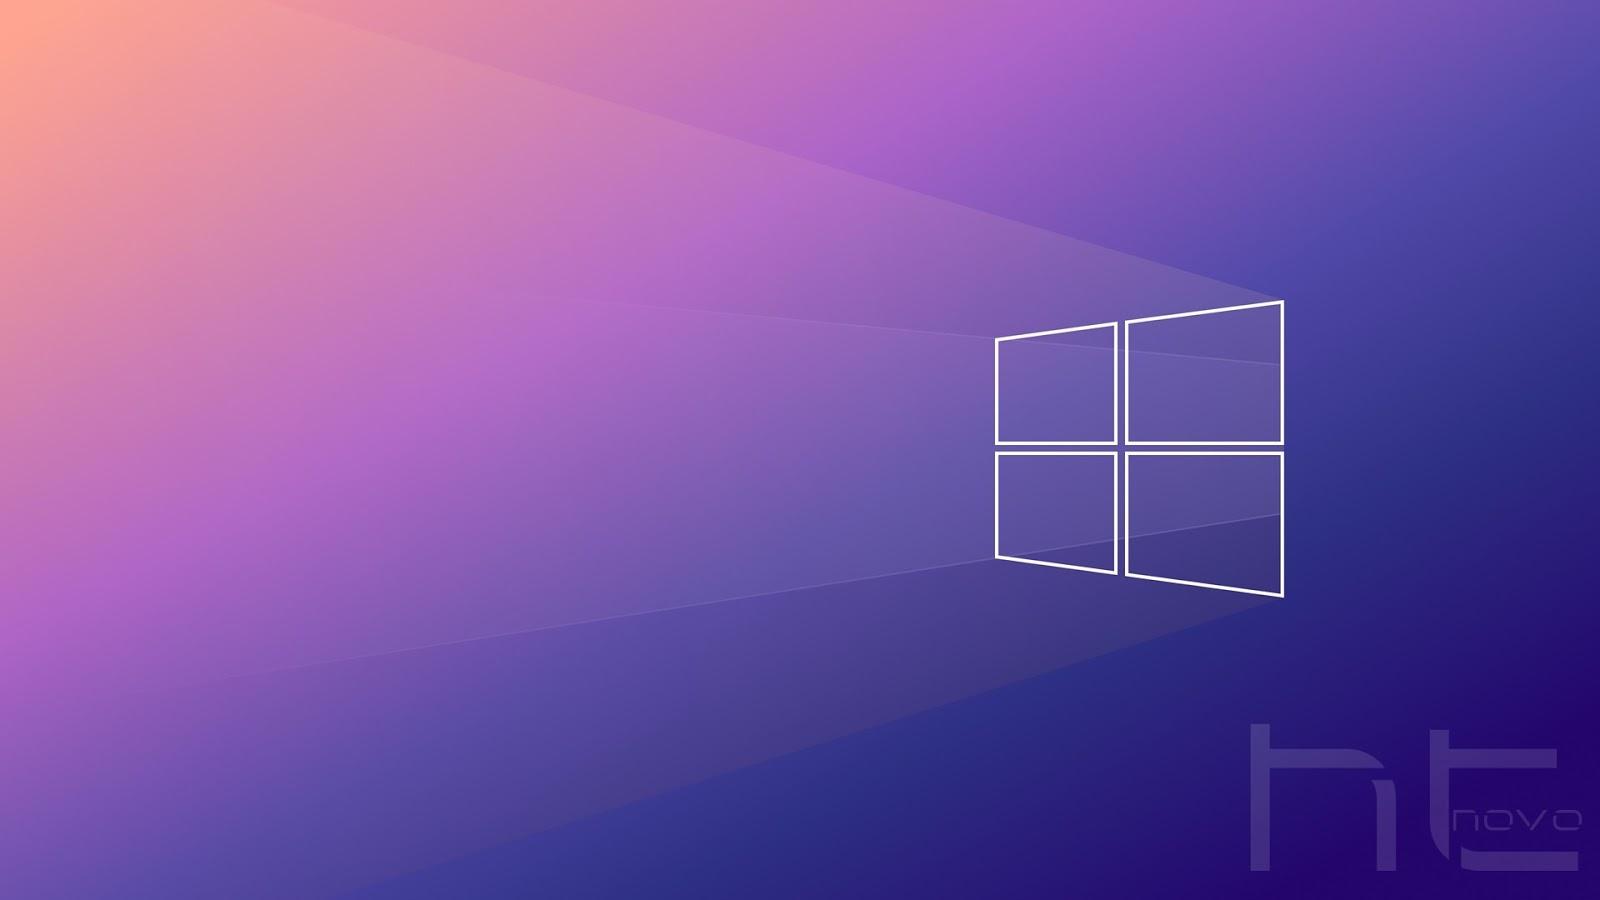 Aggiornamento per Windows 10 Versione 2004 - Build 19041.450